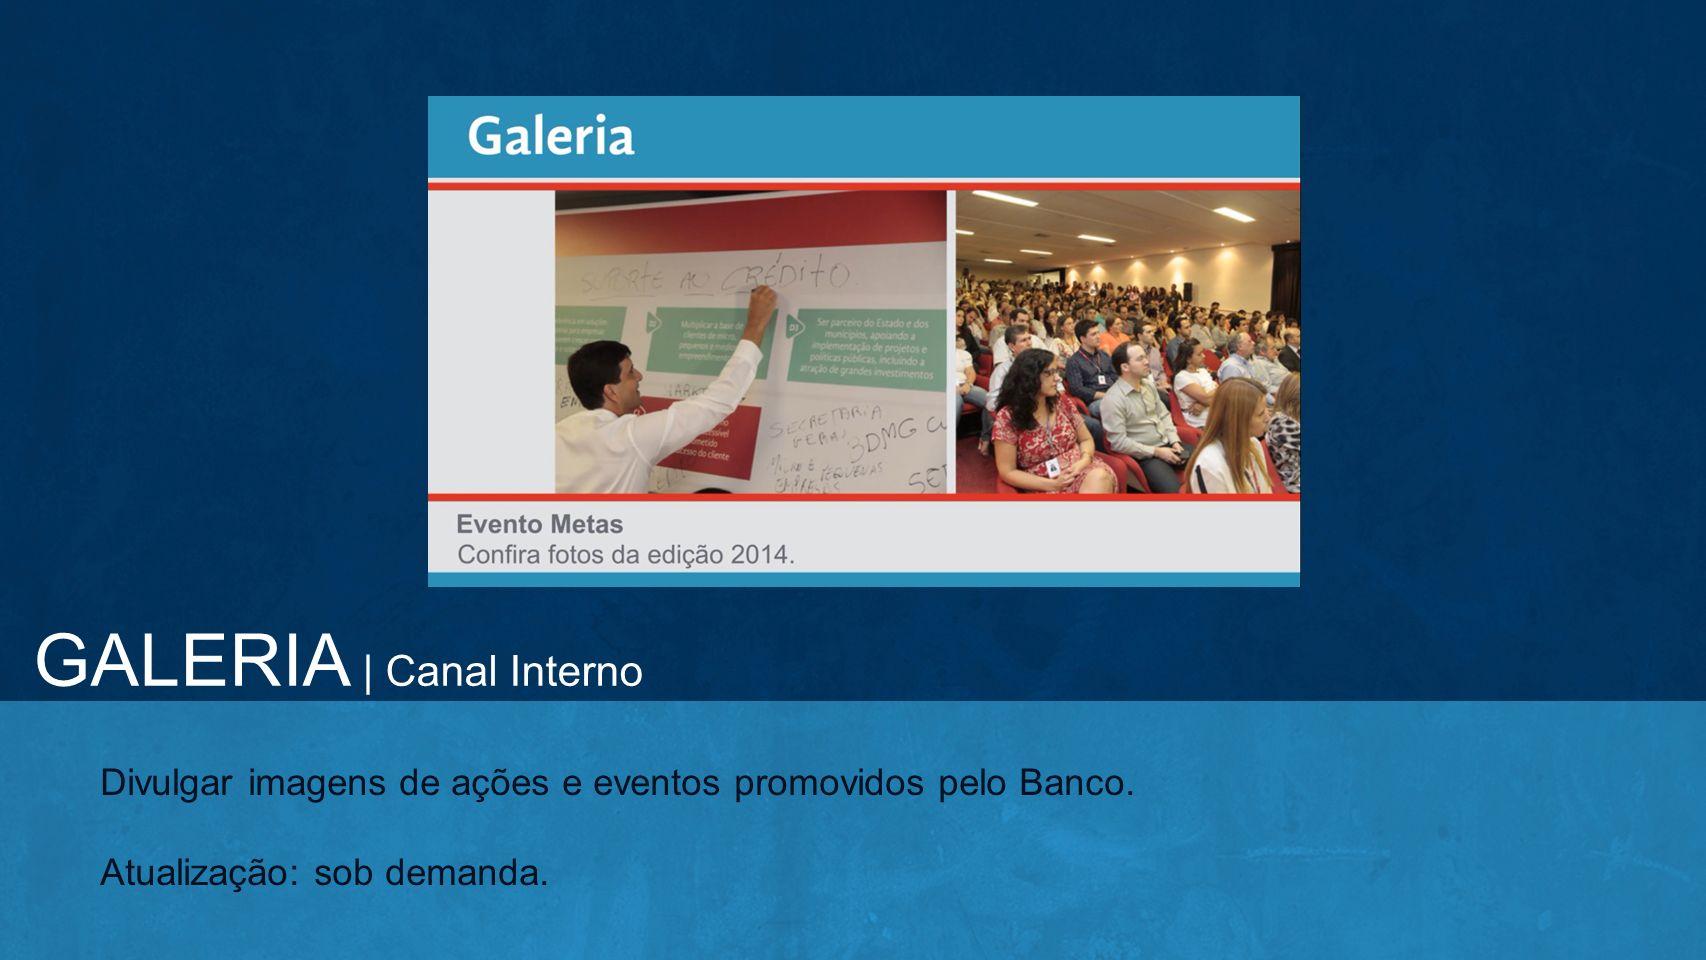 Divulgar imagens de ações e eventos promovidos pelo Banco. Atualização: sob demanda. GALERIA | Canal Interno